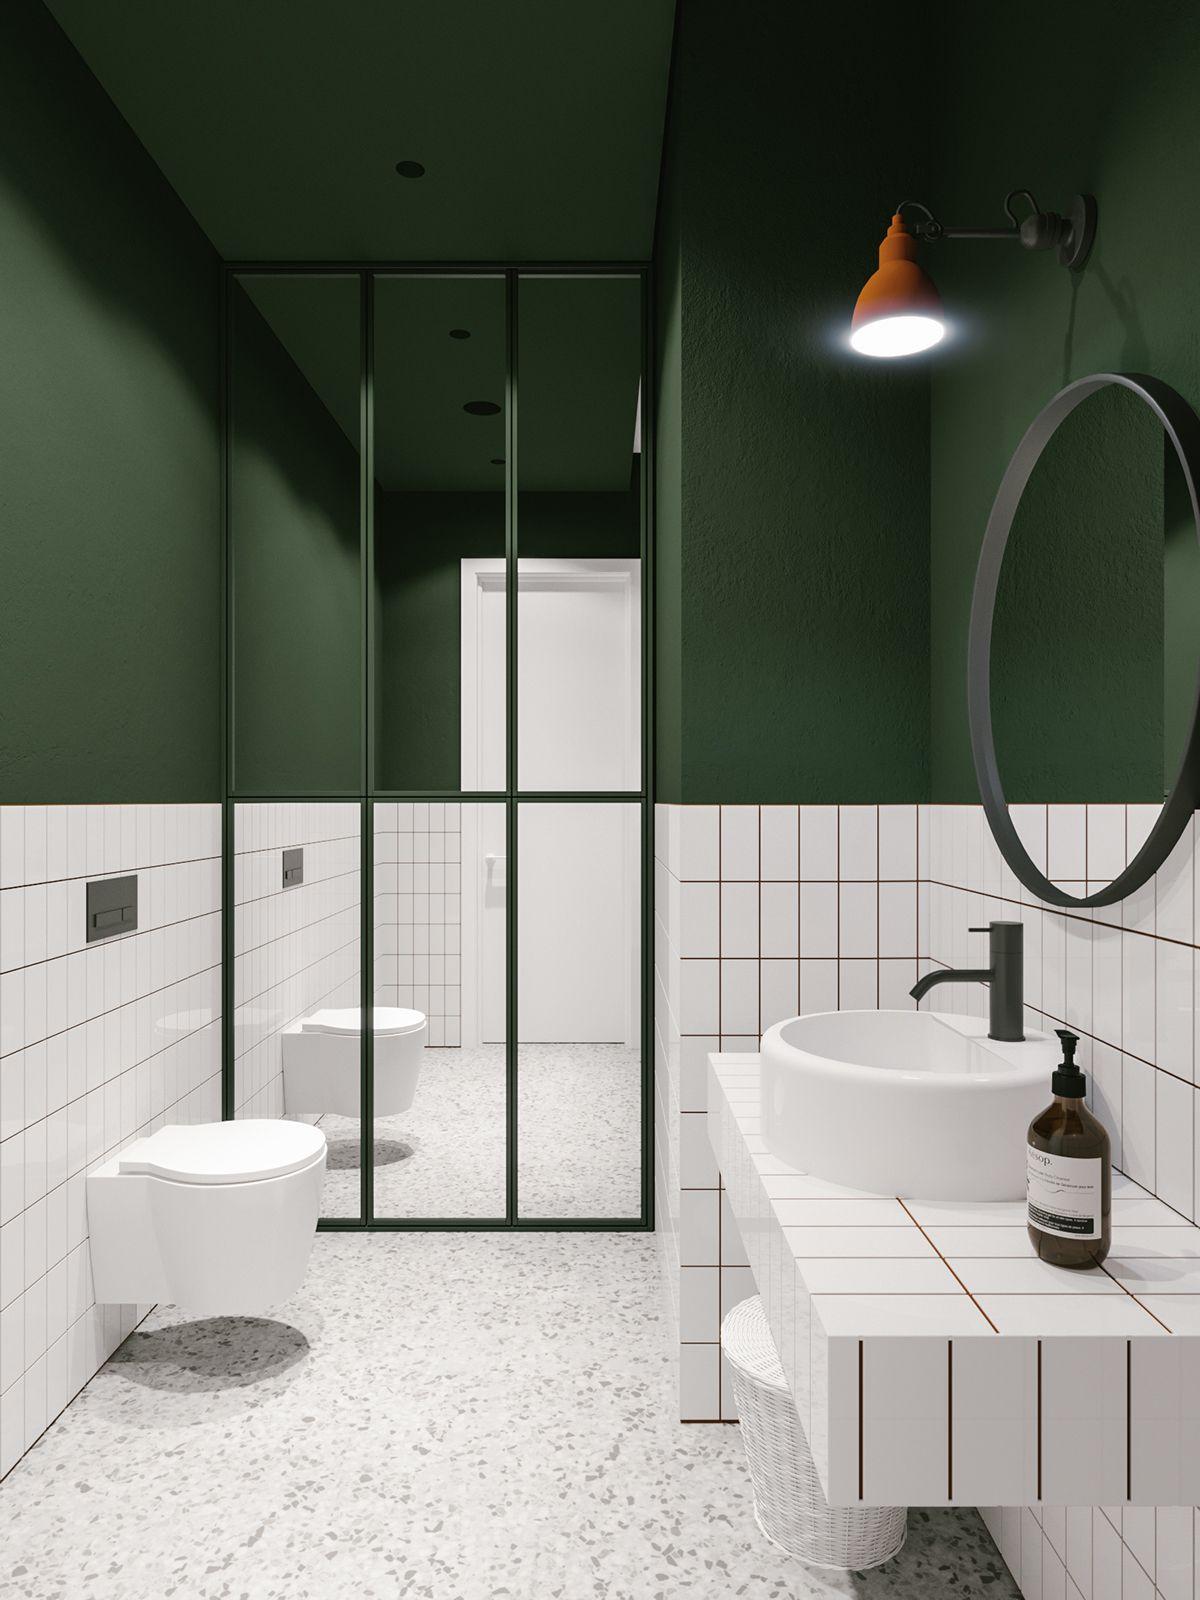 Badezimmer design weiß badezimmer modern minimalistisch weiß schlicht fliesen idee